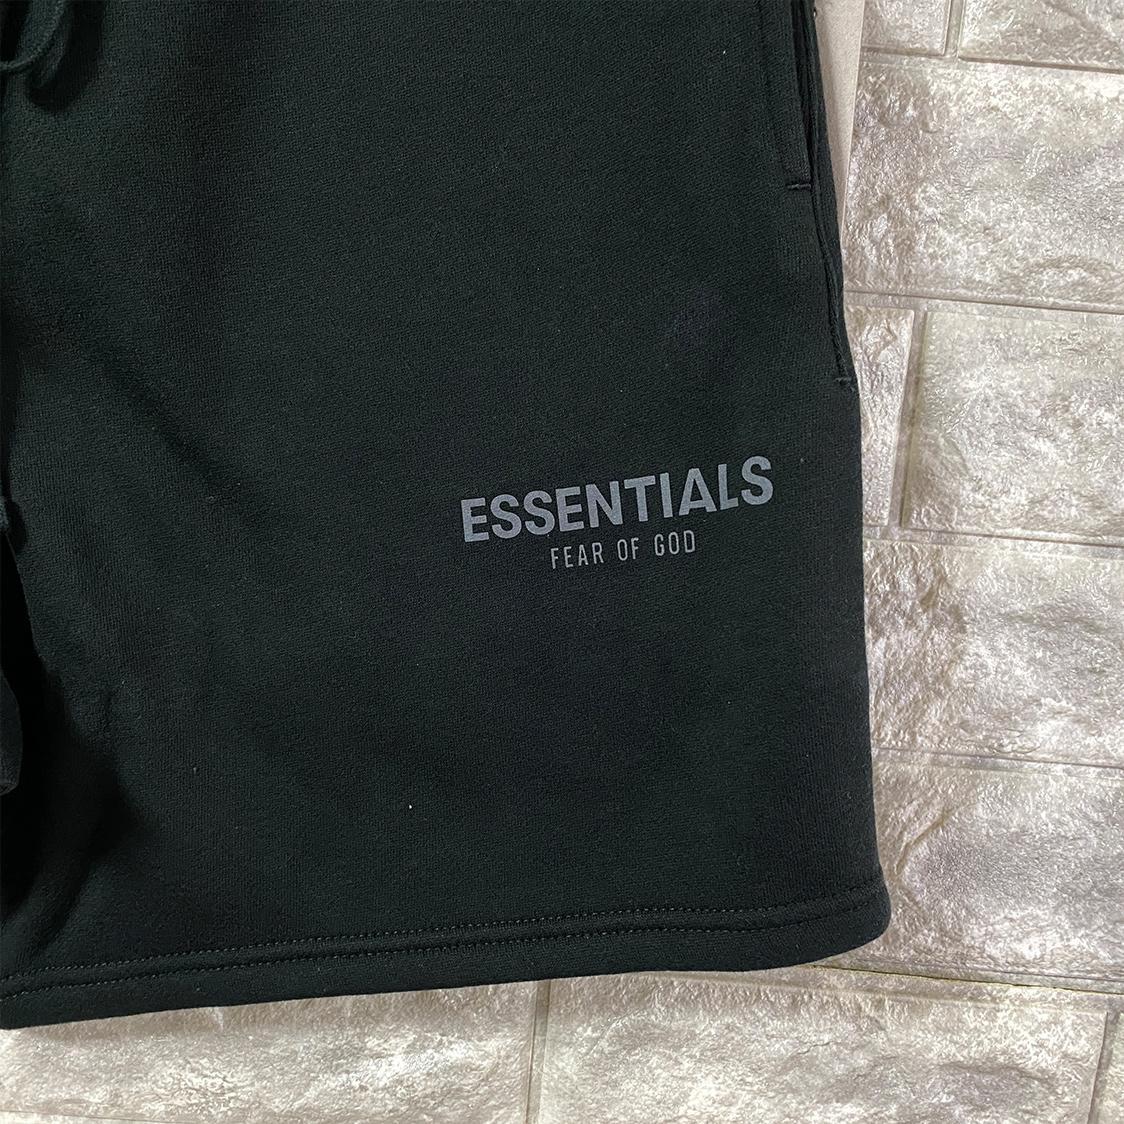 2021新作 新品 Fear Of God Essentials フェアオブゴッド エッセンシャルズ【Mサイズ】 ロゴ スウェット ショーツ ハーフパンツ ブラック FOG